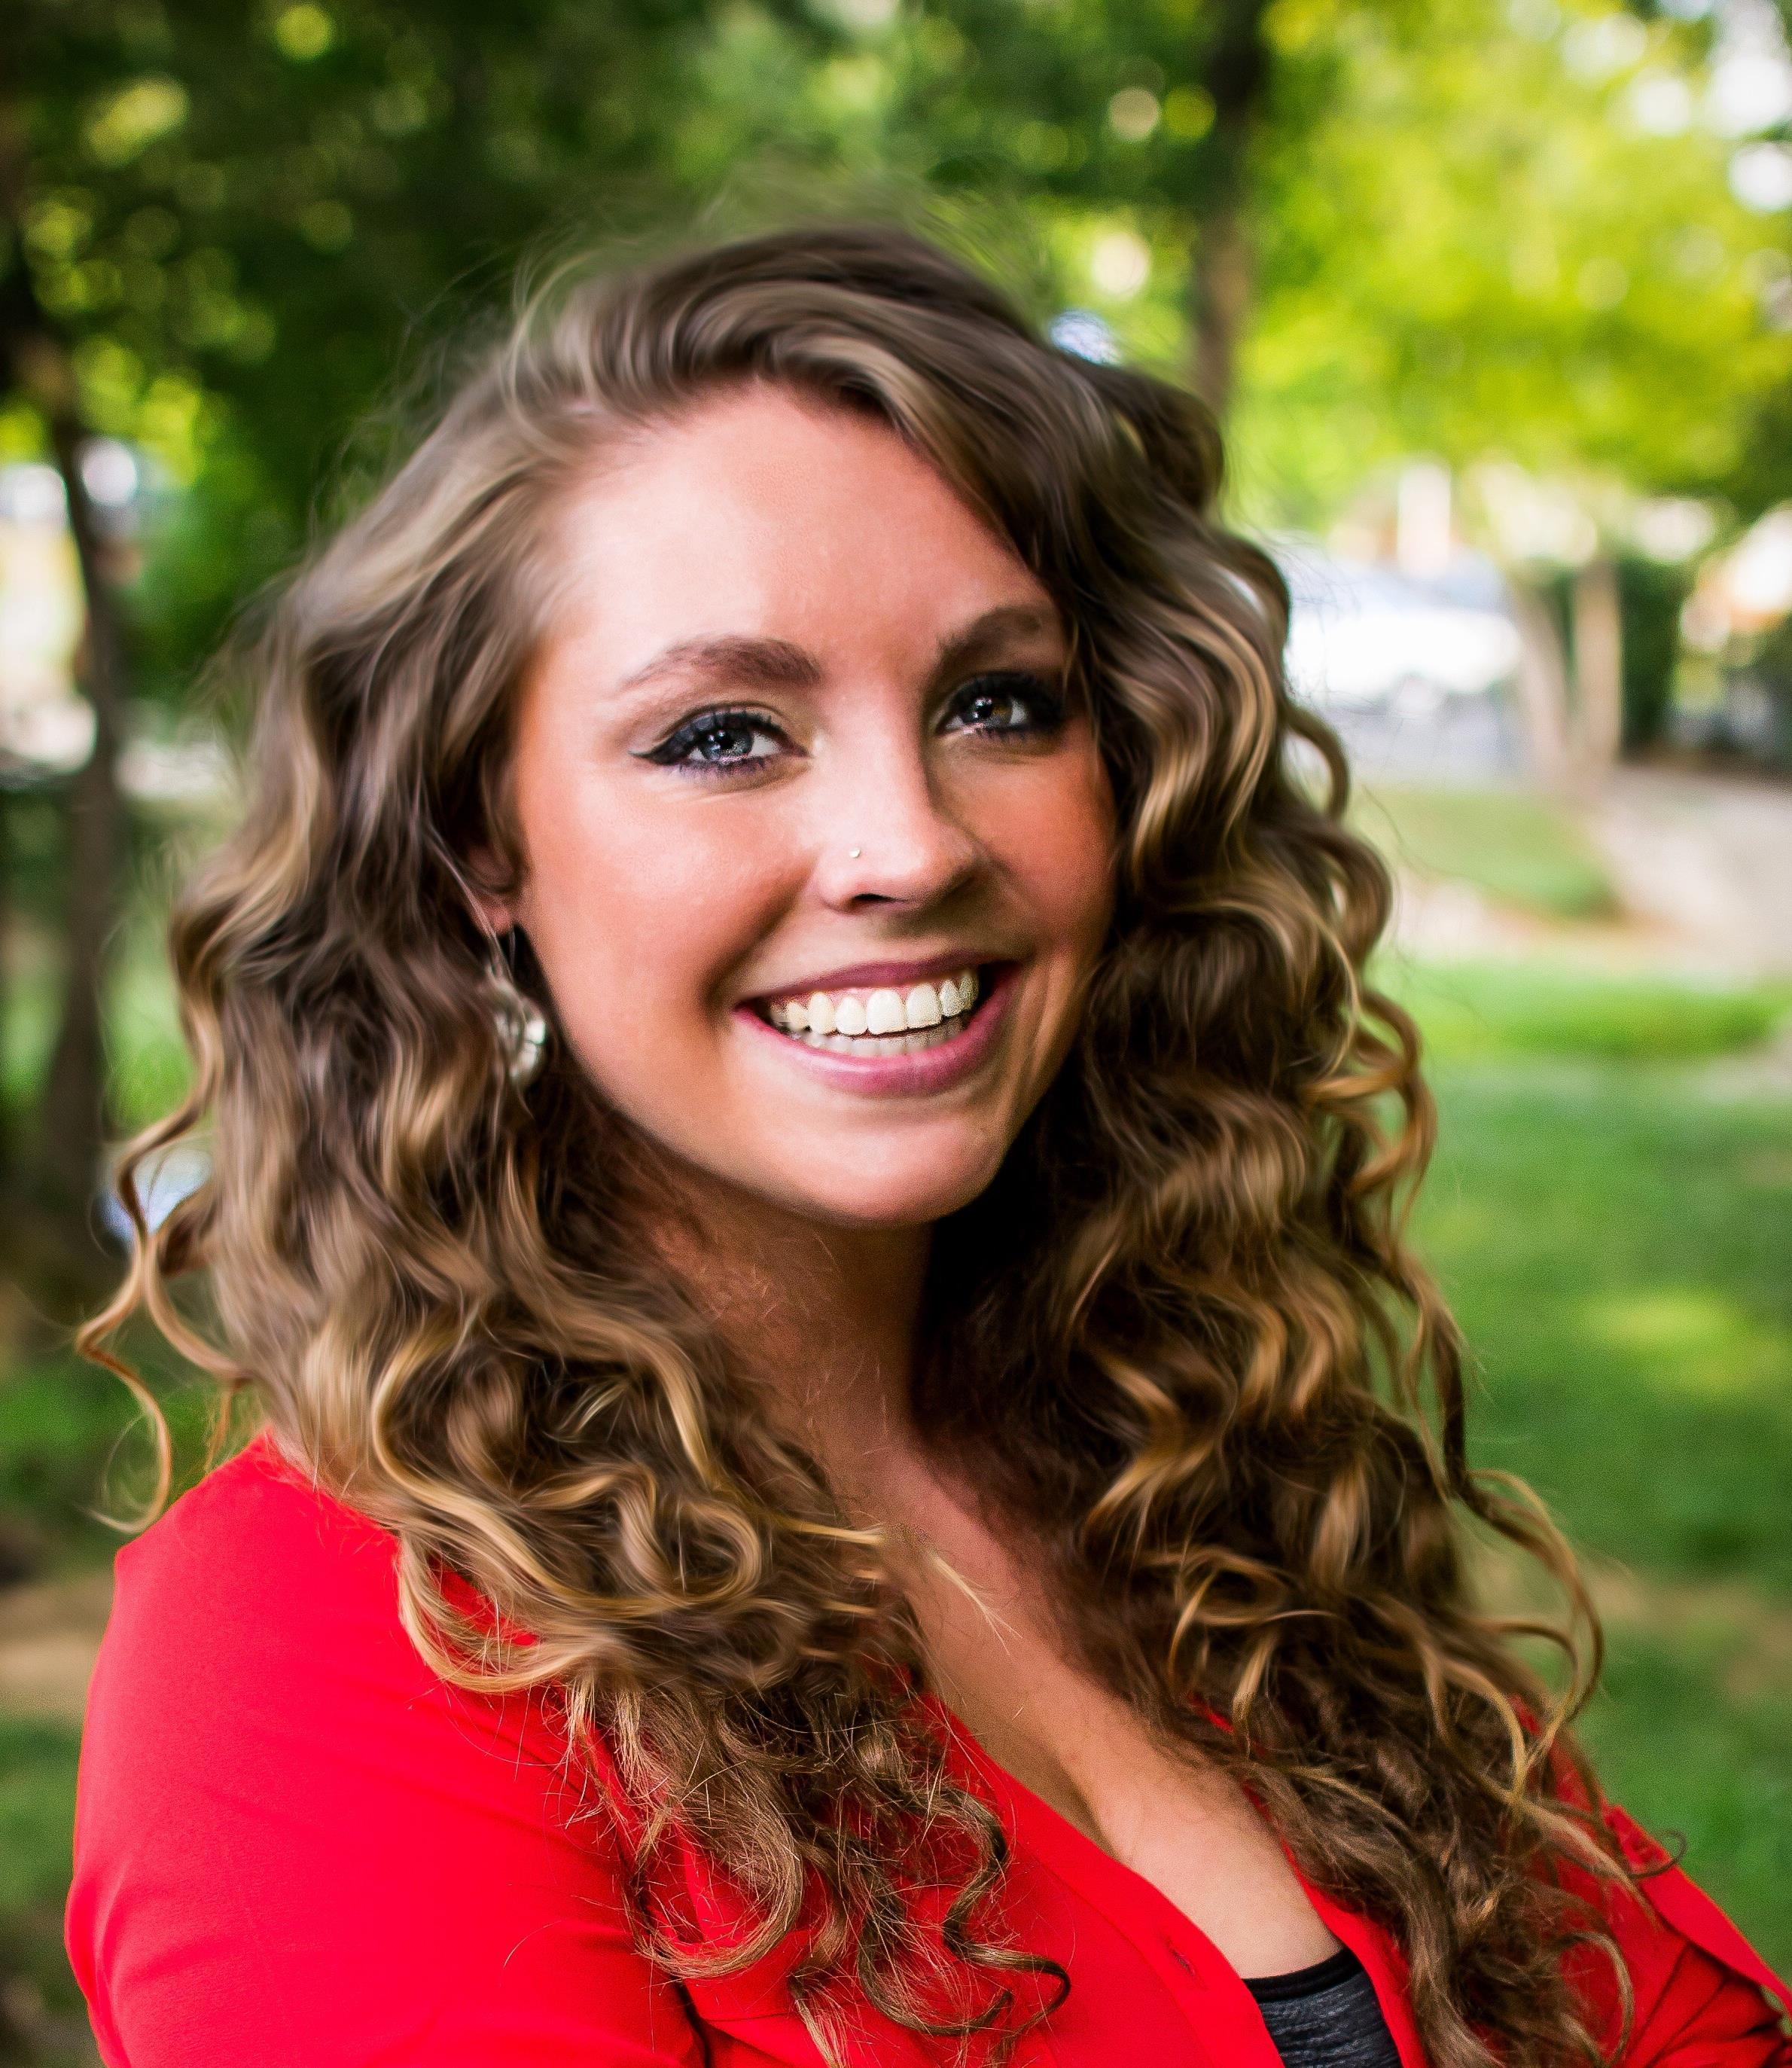 Sarah Hurst